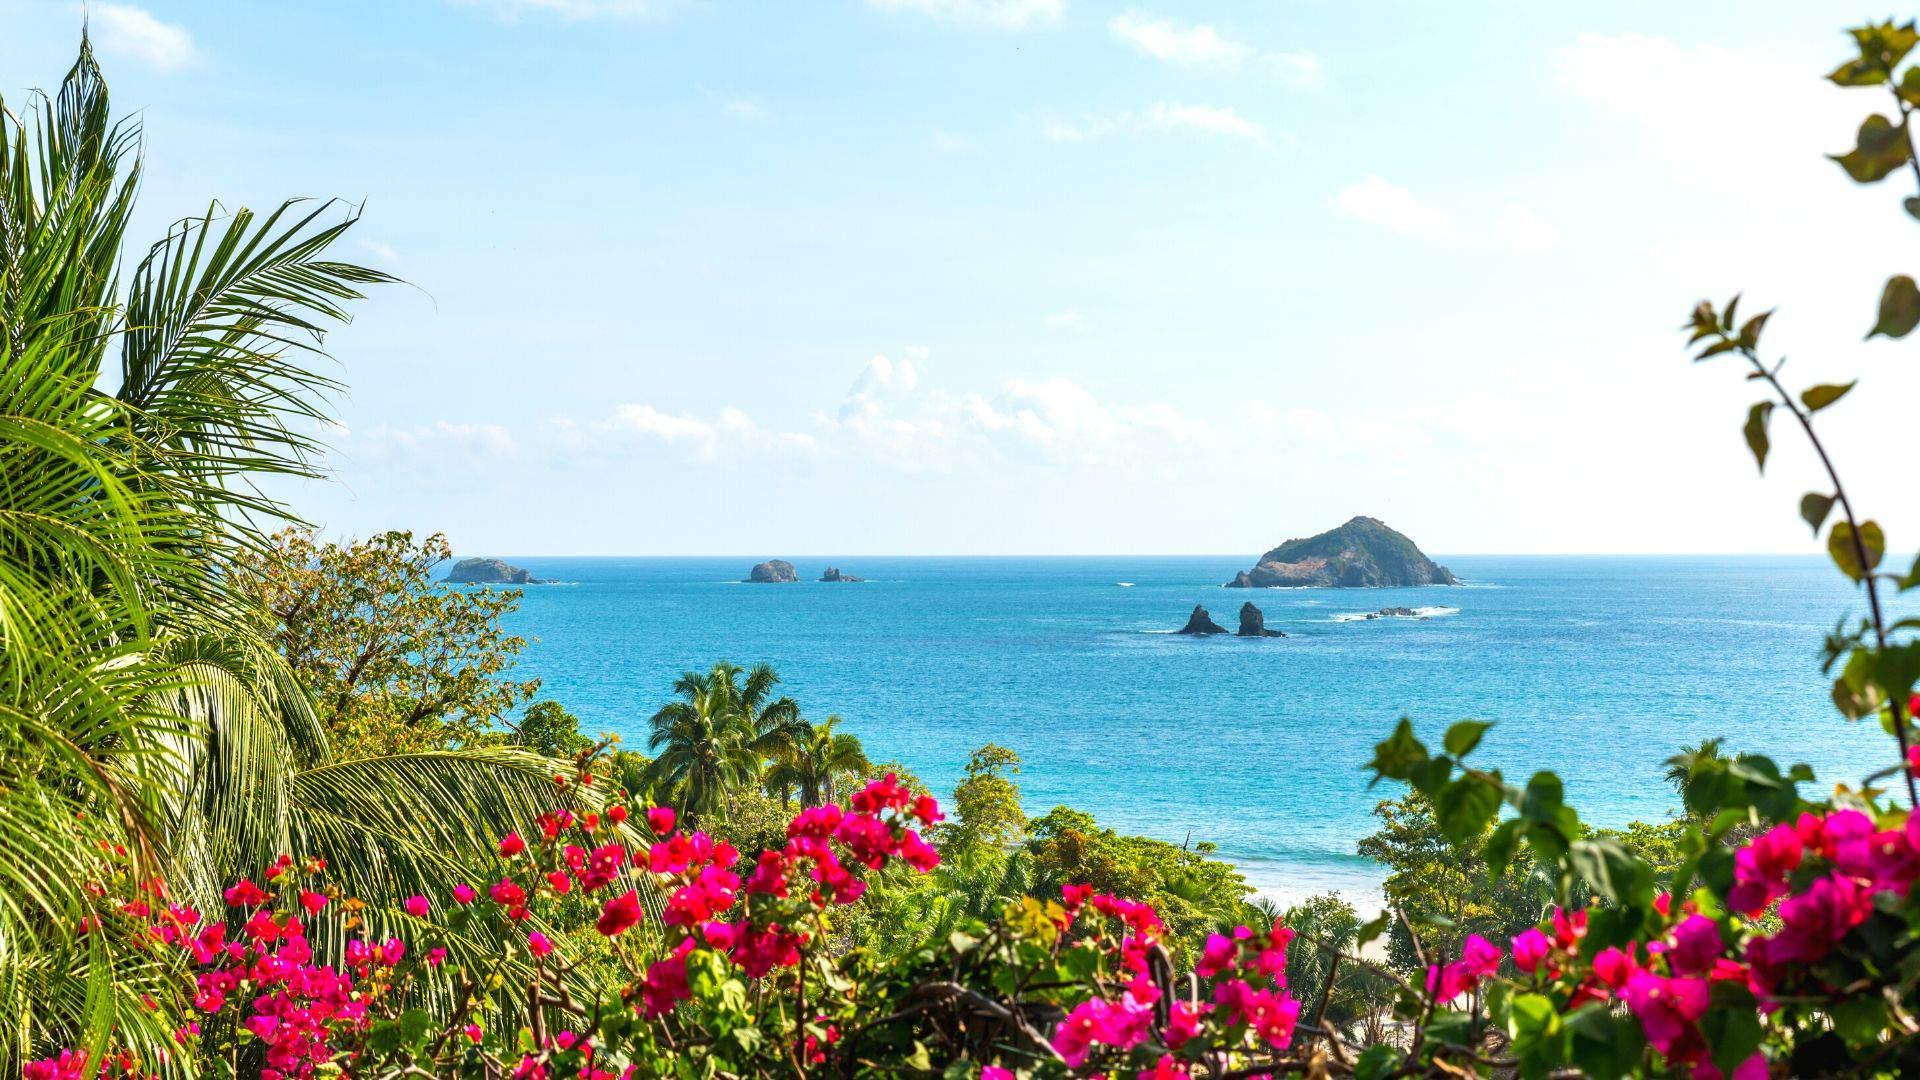 Kosta Rika - įspūdingos gamtos kampelis